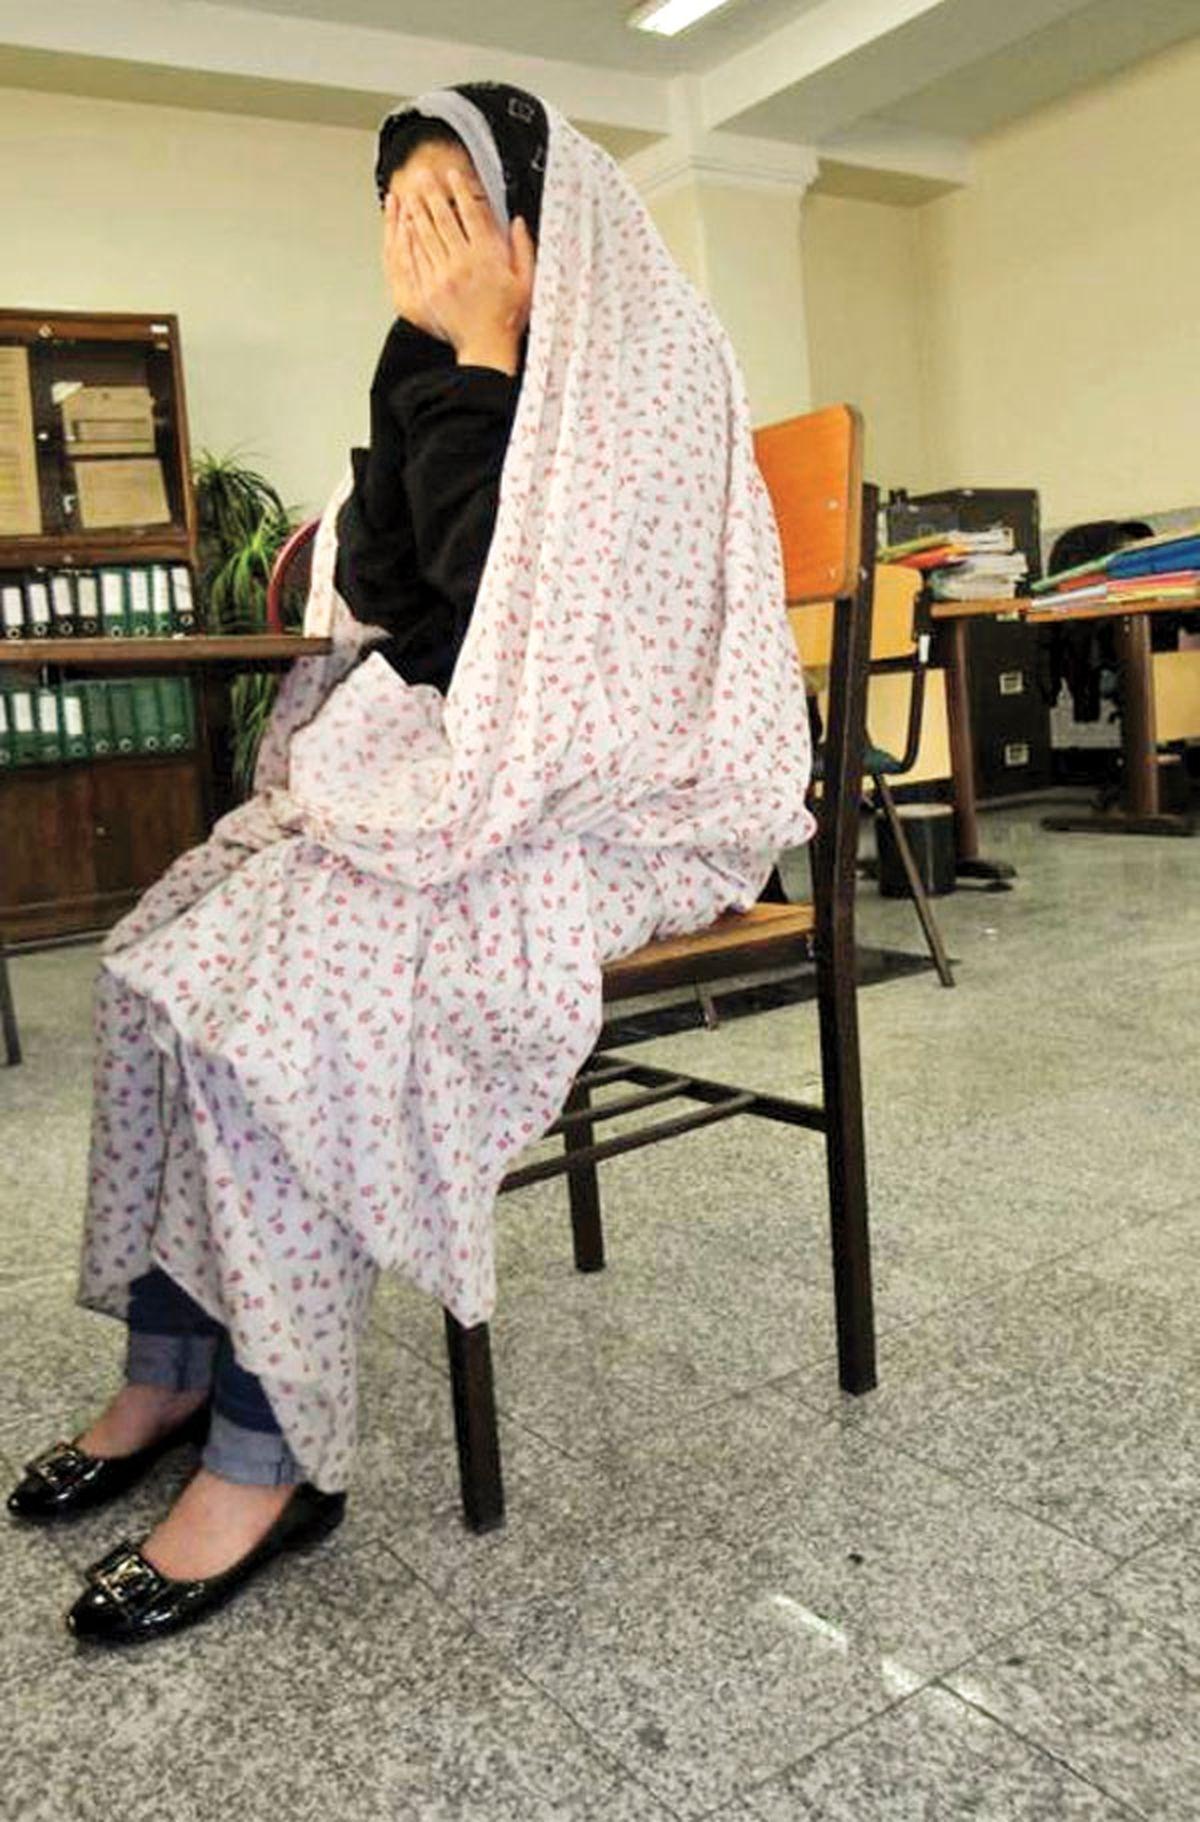 قتل پدر توسط دختر در البرز/ سه ضربه به ناحیه پهلوی پدرم وارد کردم